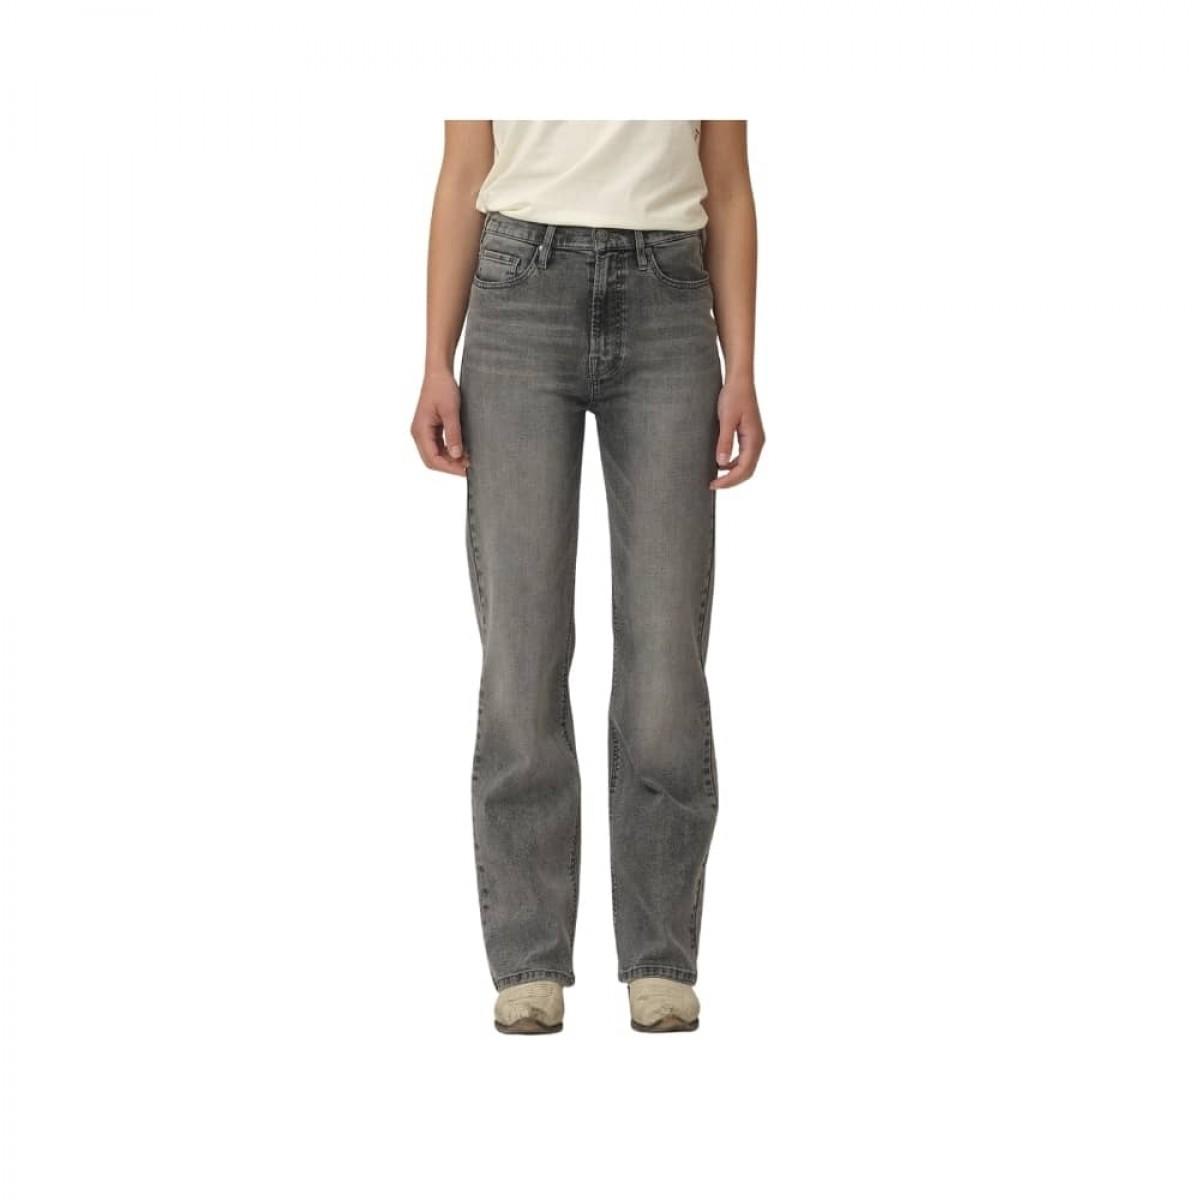 bowie hw cropped jeans - grey - model detalje